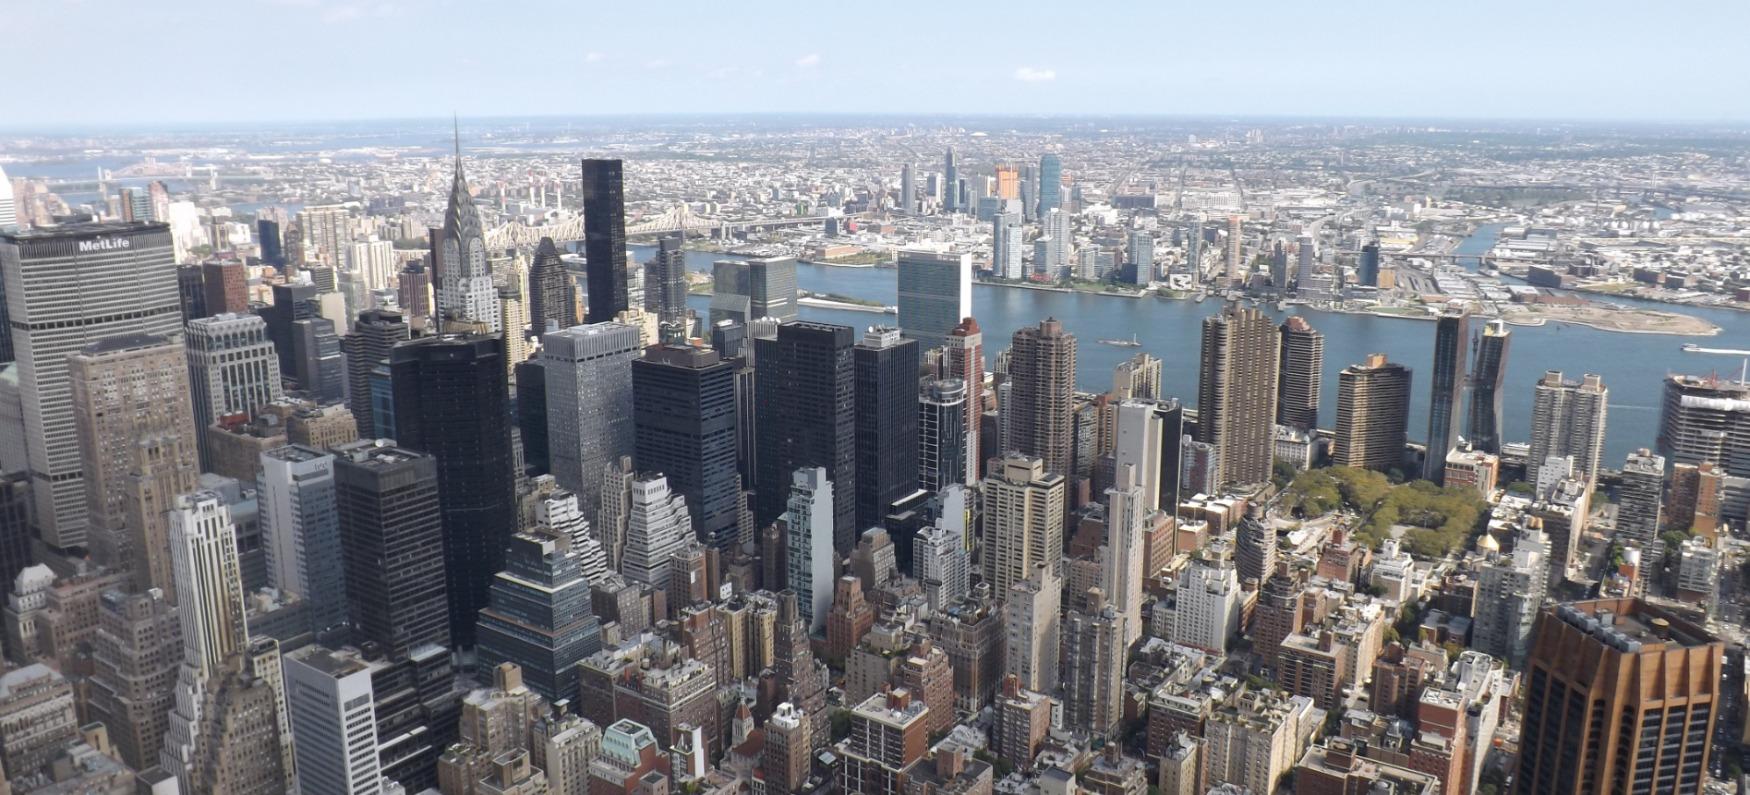 Uitzicht over New York City vanaf de Empire State Building